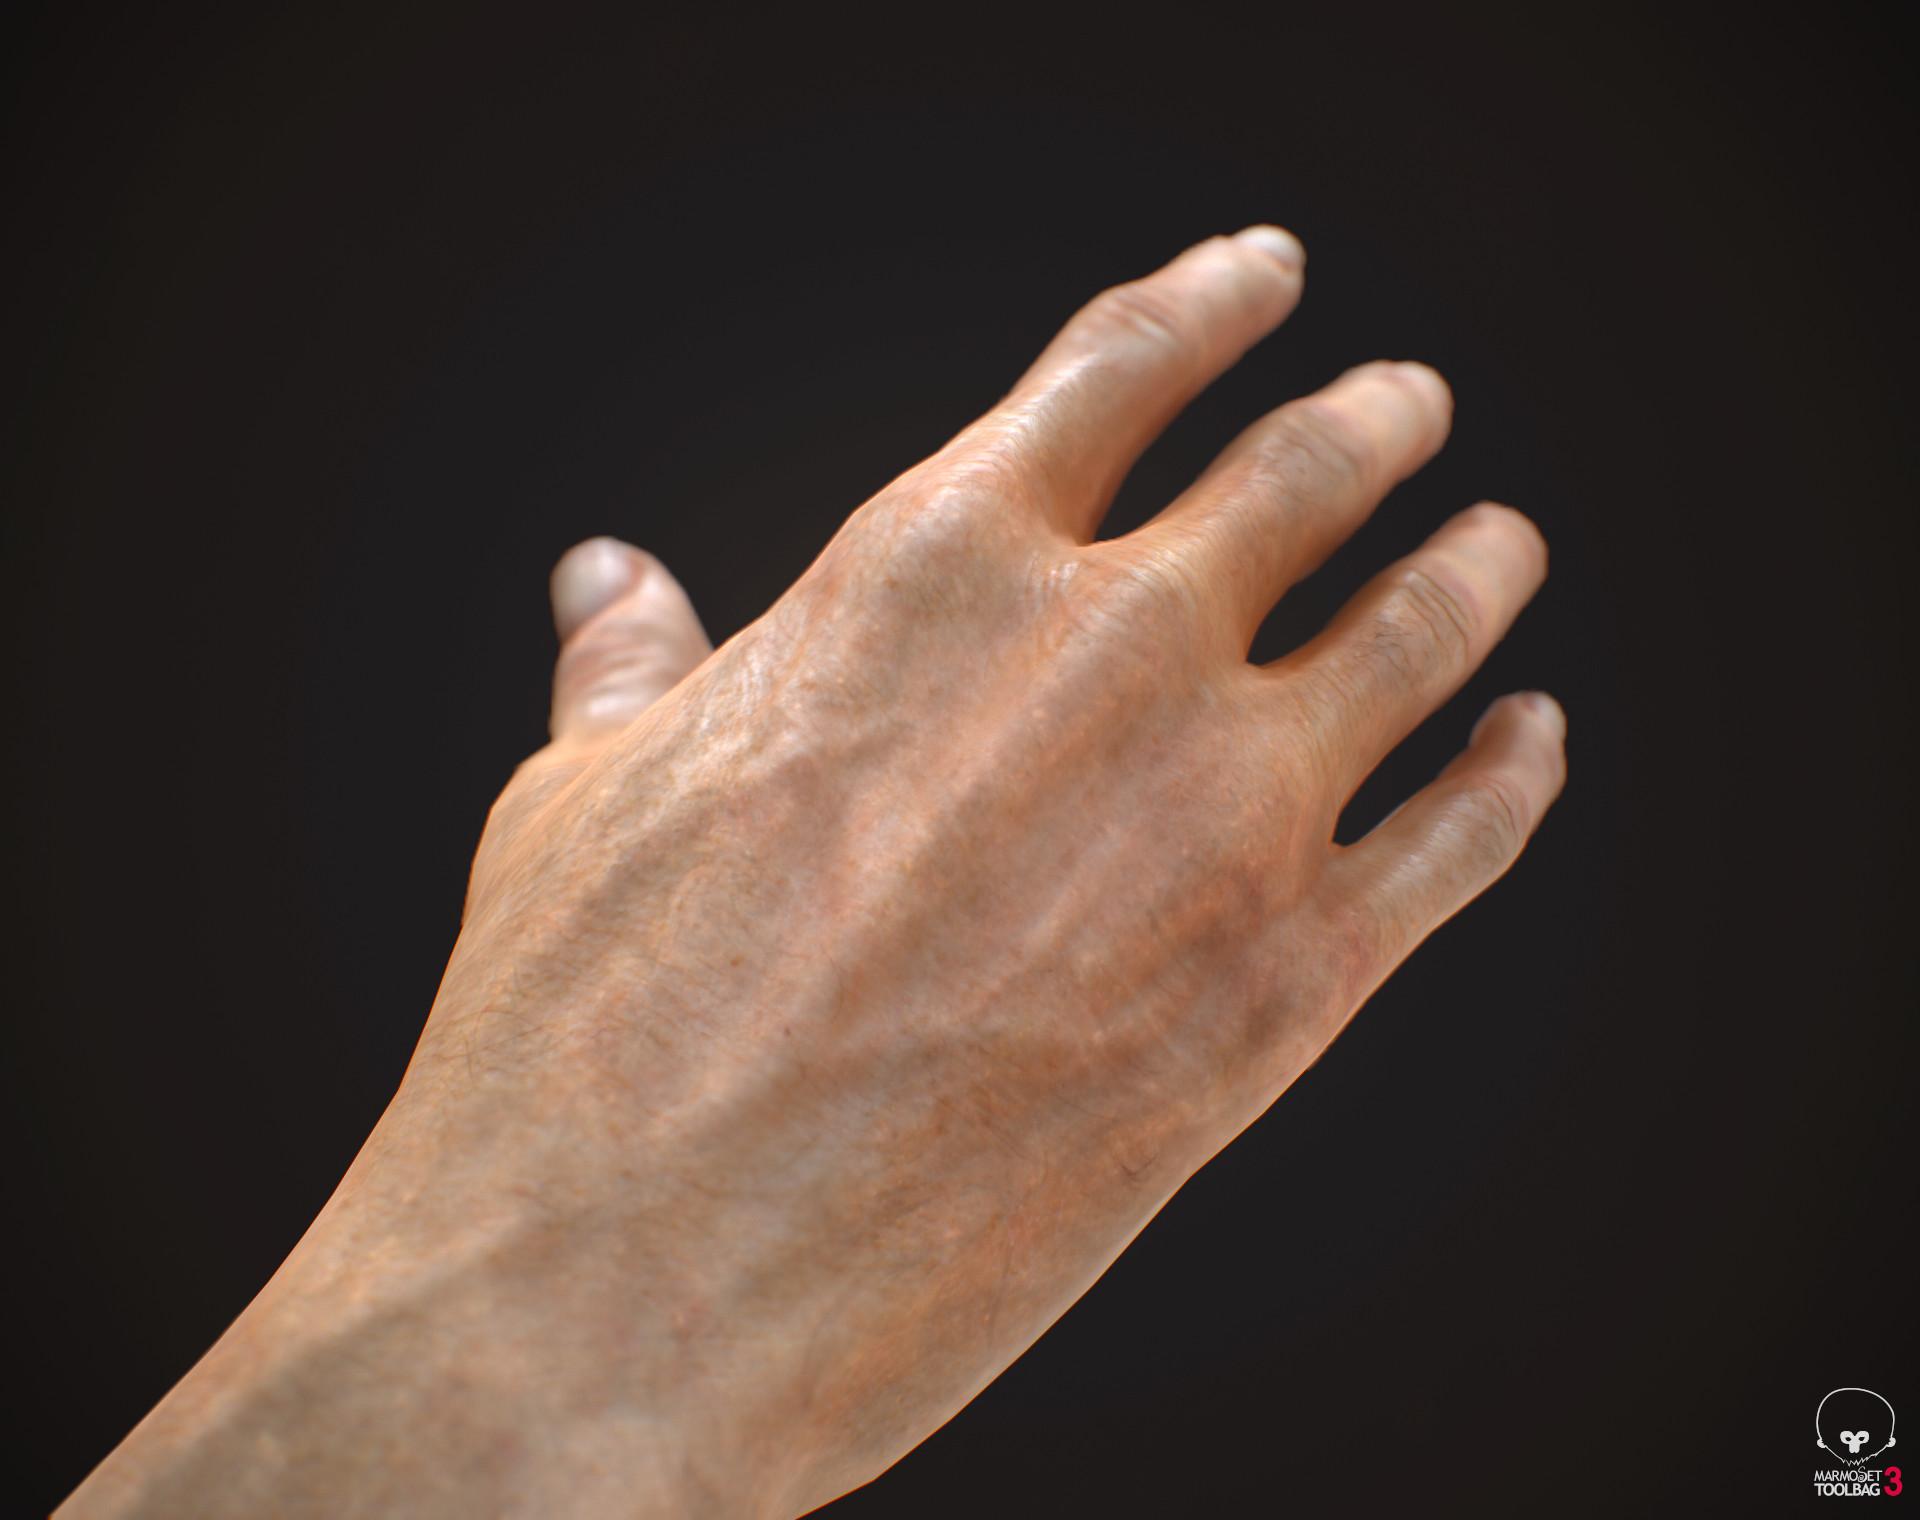 Federico abram vr hand 03